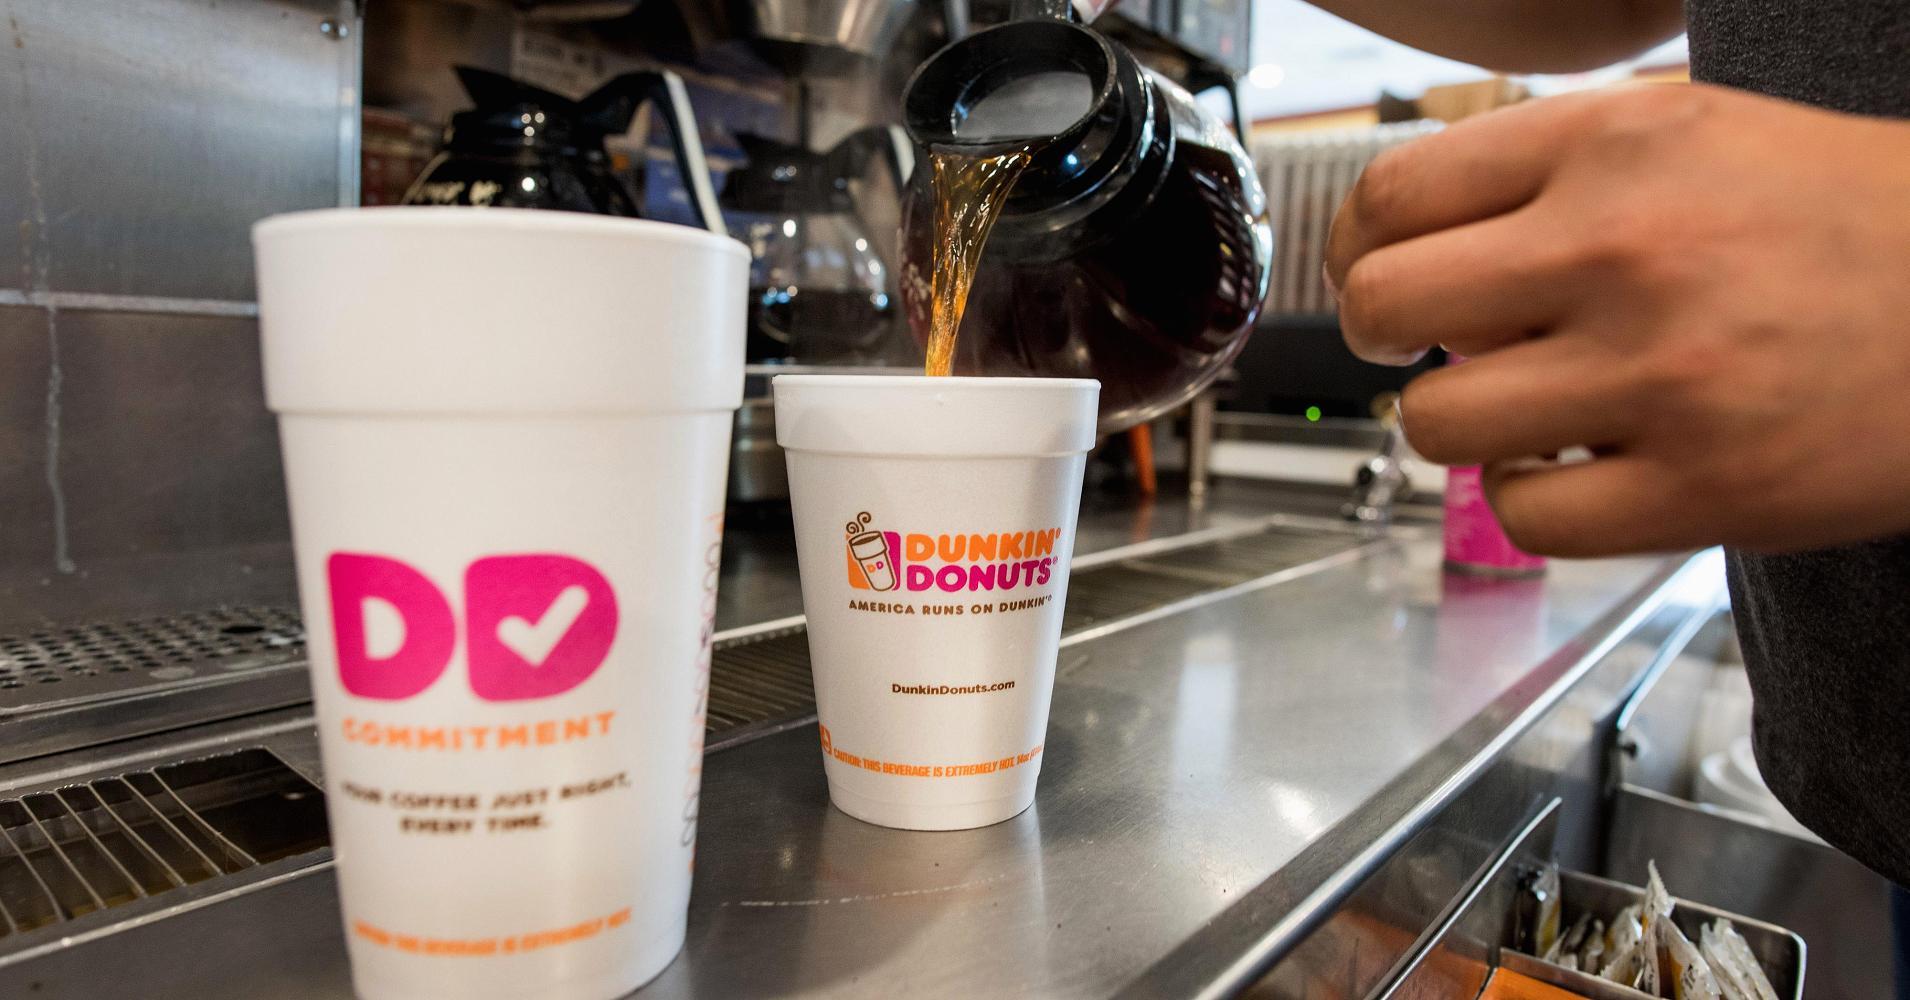 Dunkin' Donuts dejará de usar vasos de poliestireno